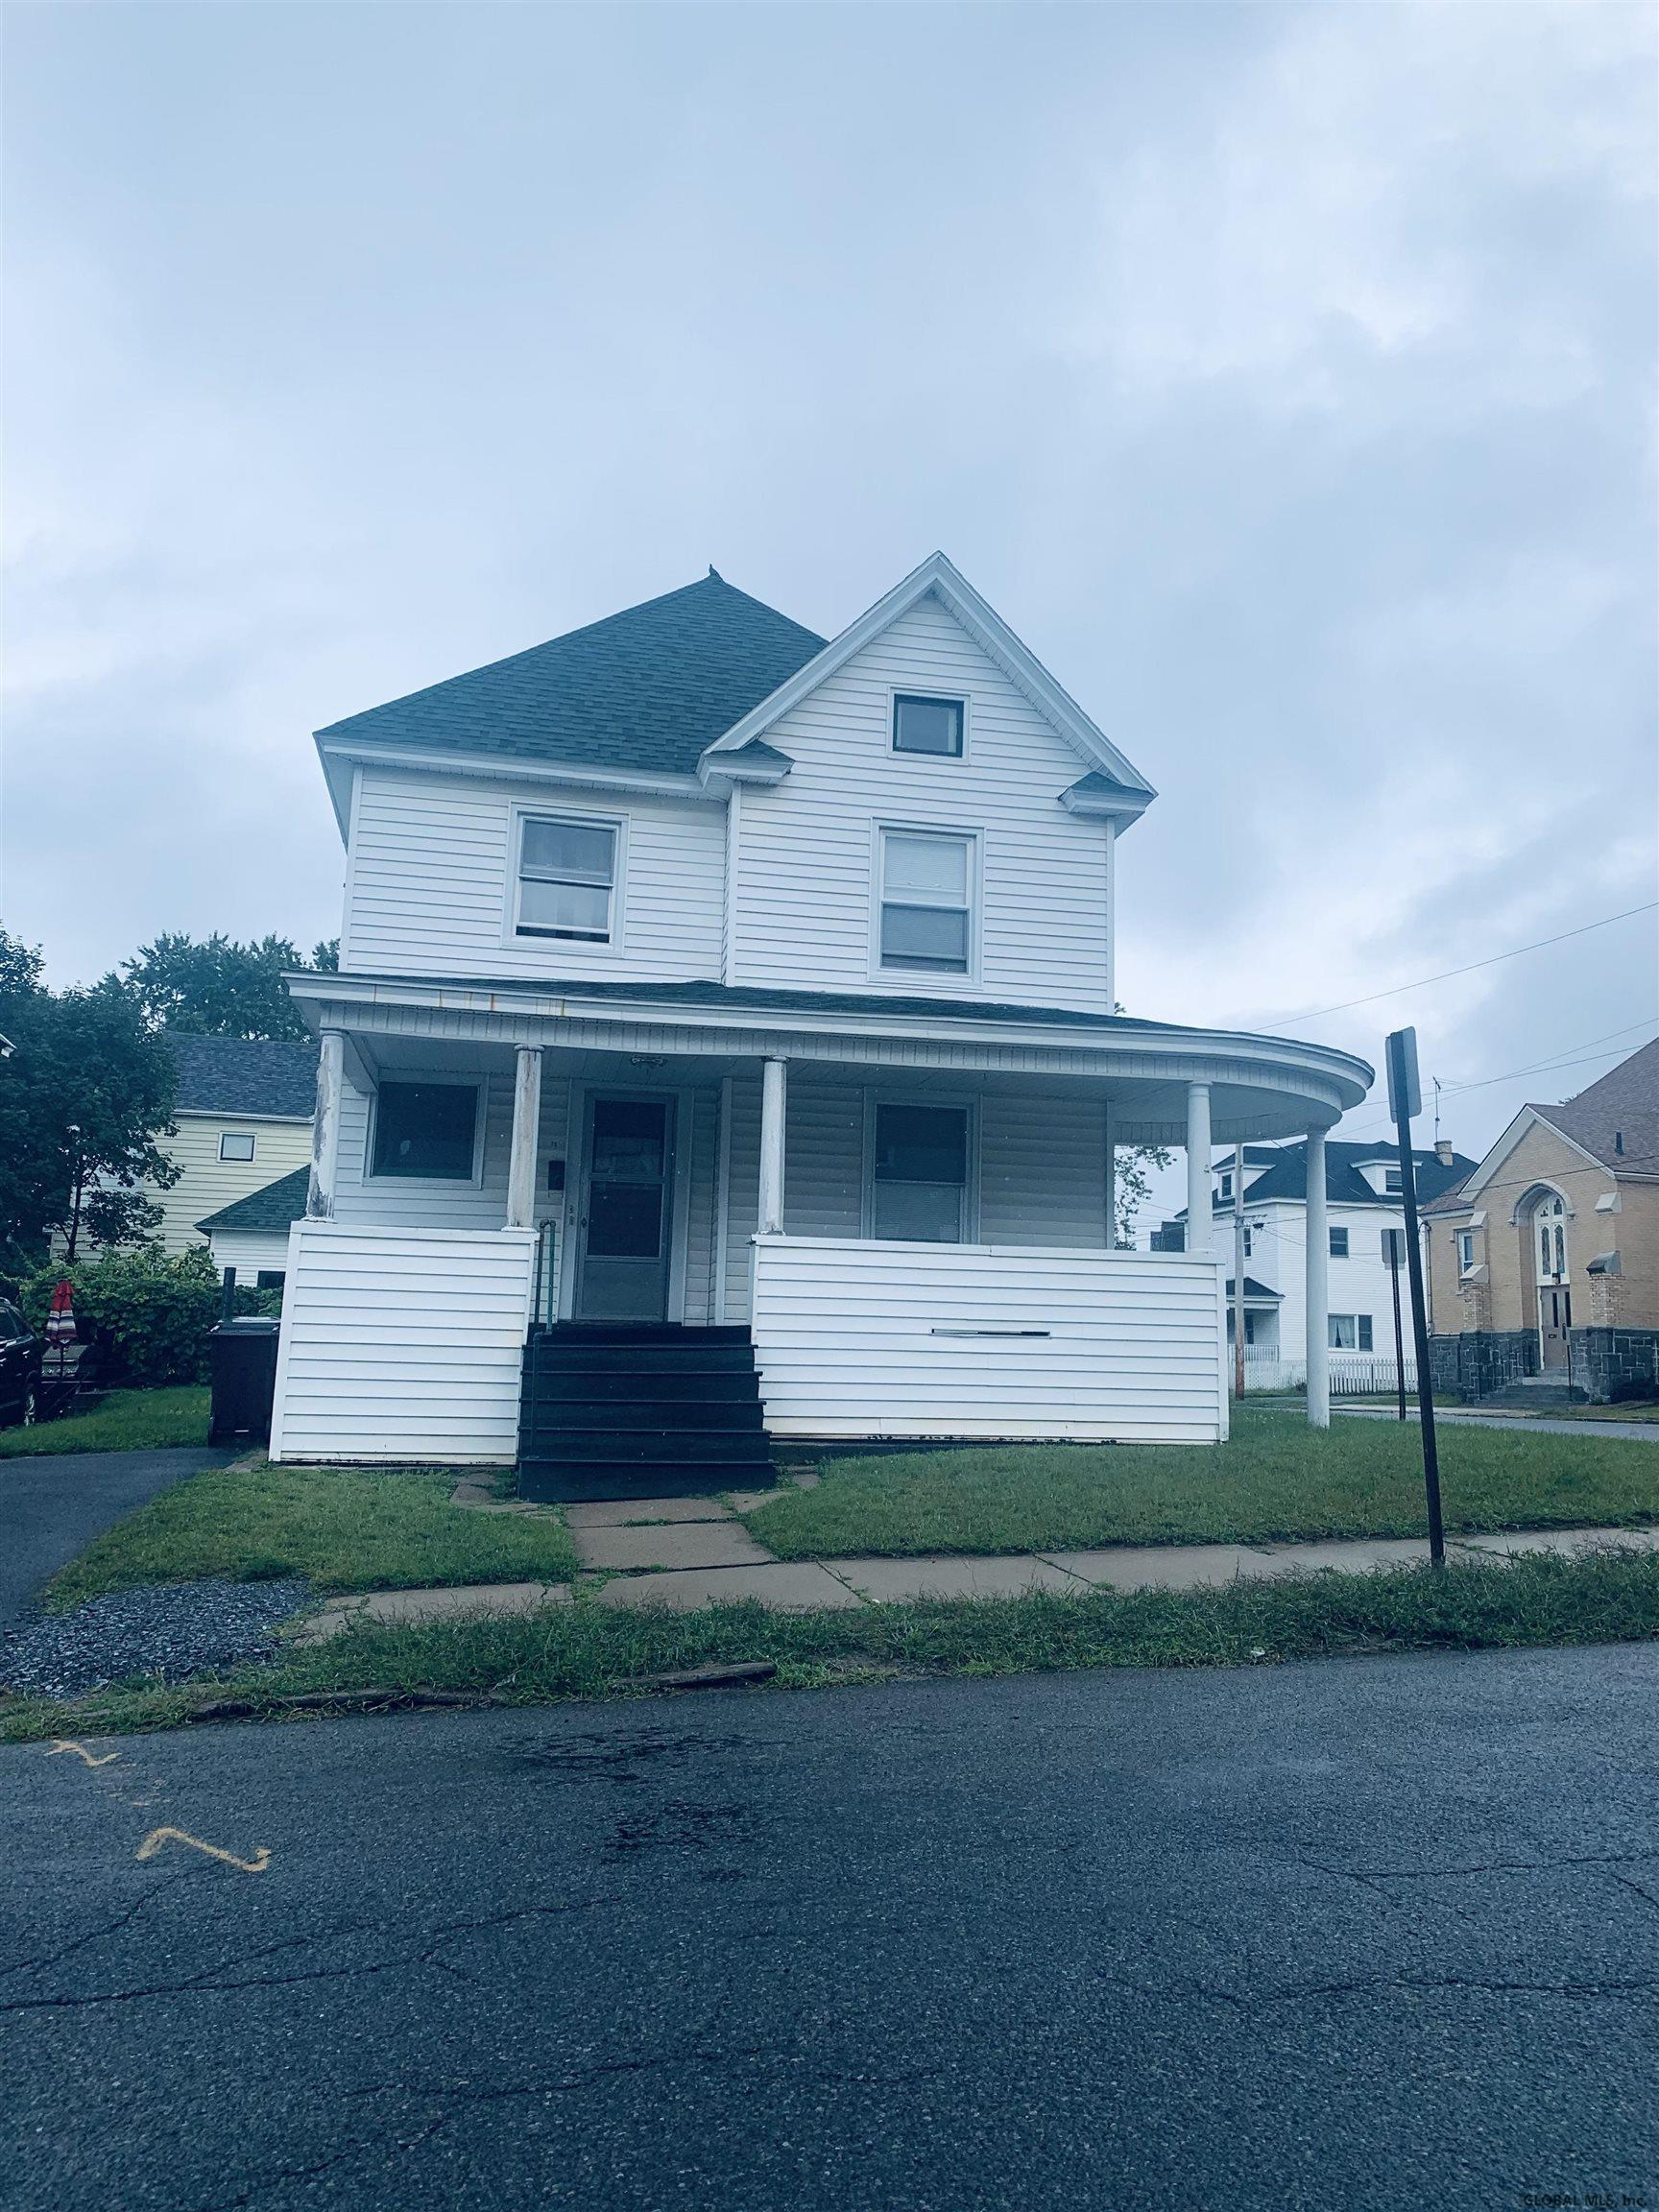 Gloversville image 1